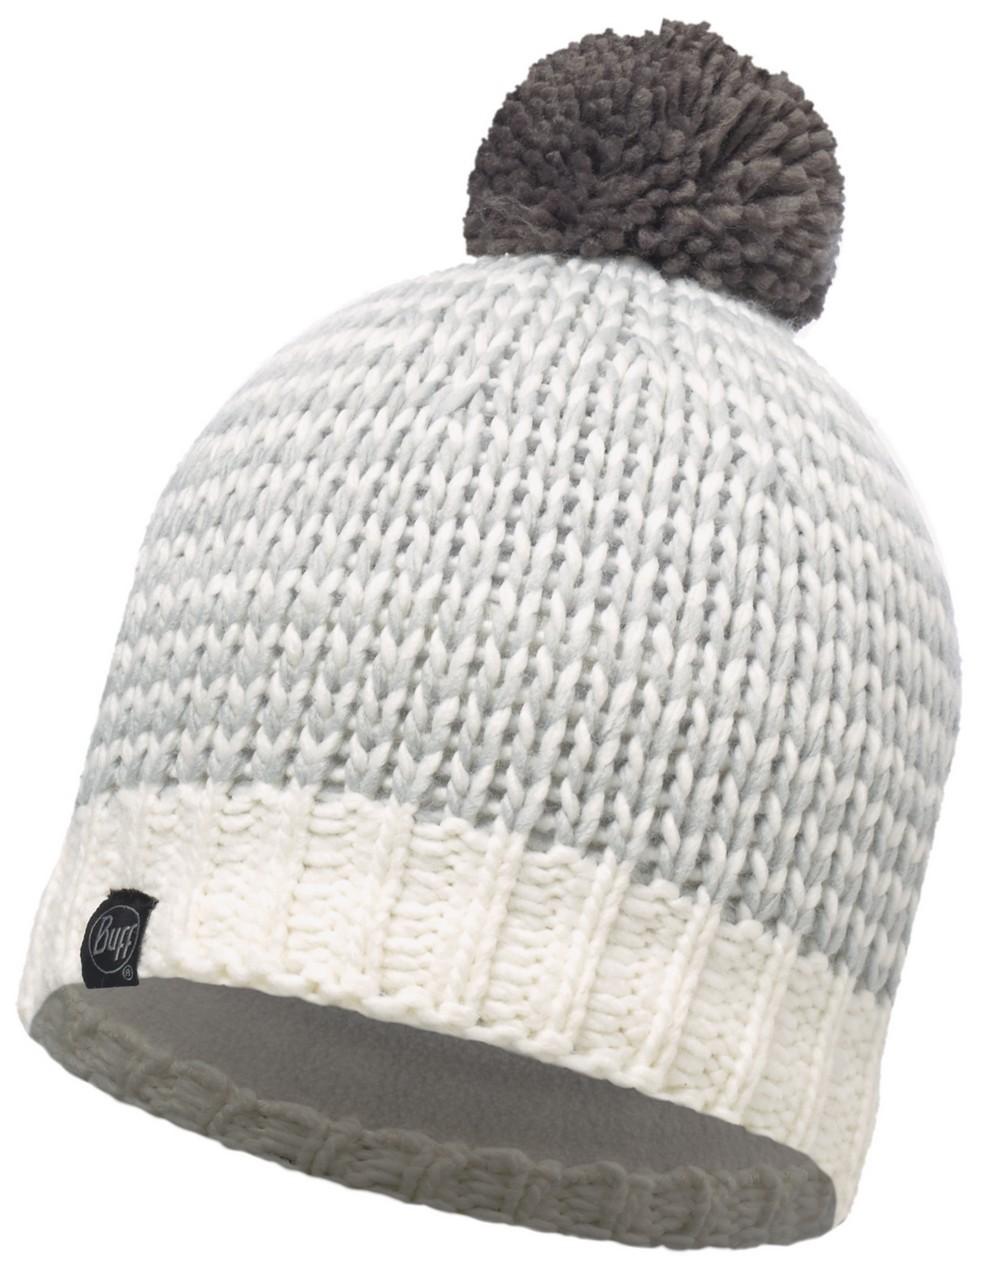 Вязаная шапка с флисовой подкладкой Buff Dorn Cru